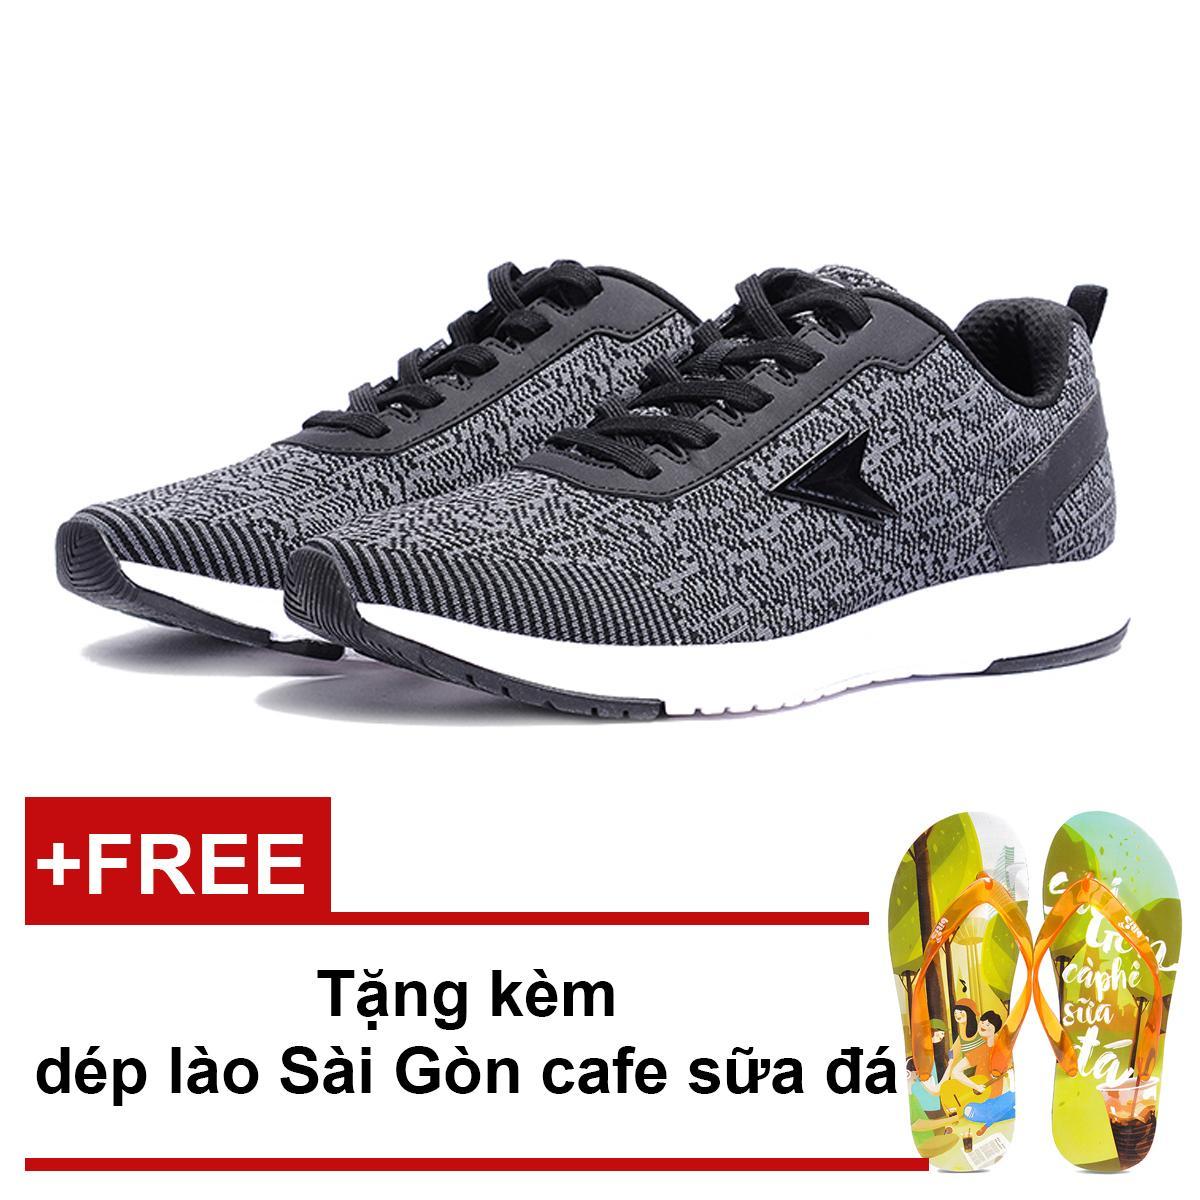 Bán Giay Thế Thao Nam Bitis Hunter Dark Tribal Black Dsm068833Den Tặng Dep Lao Sai Gon Cafe Sữa Đa Rẻ Hồ Chí Minh